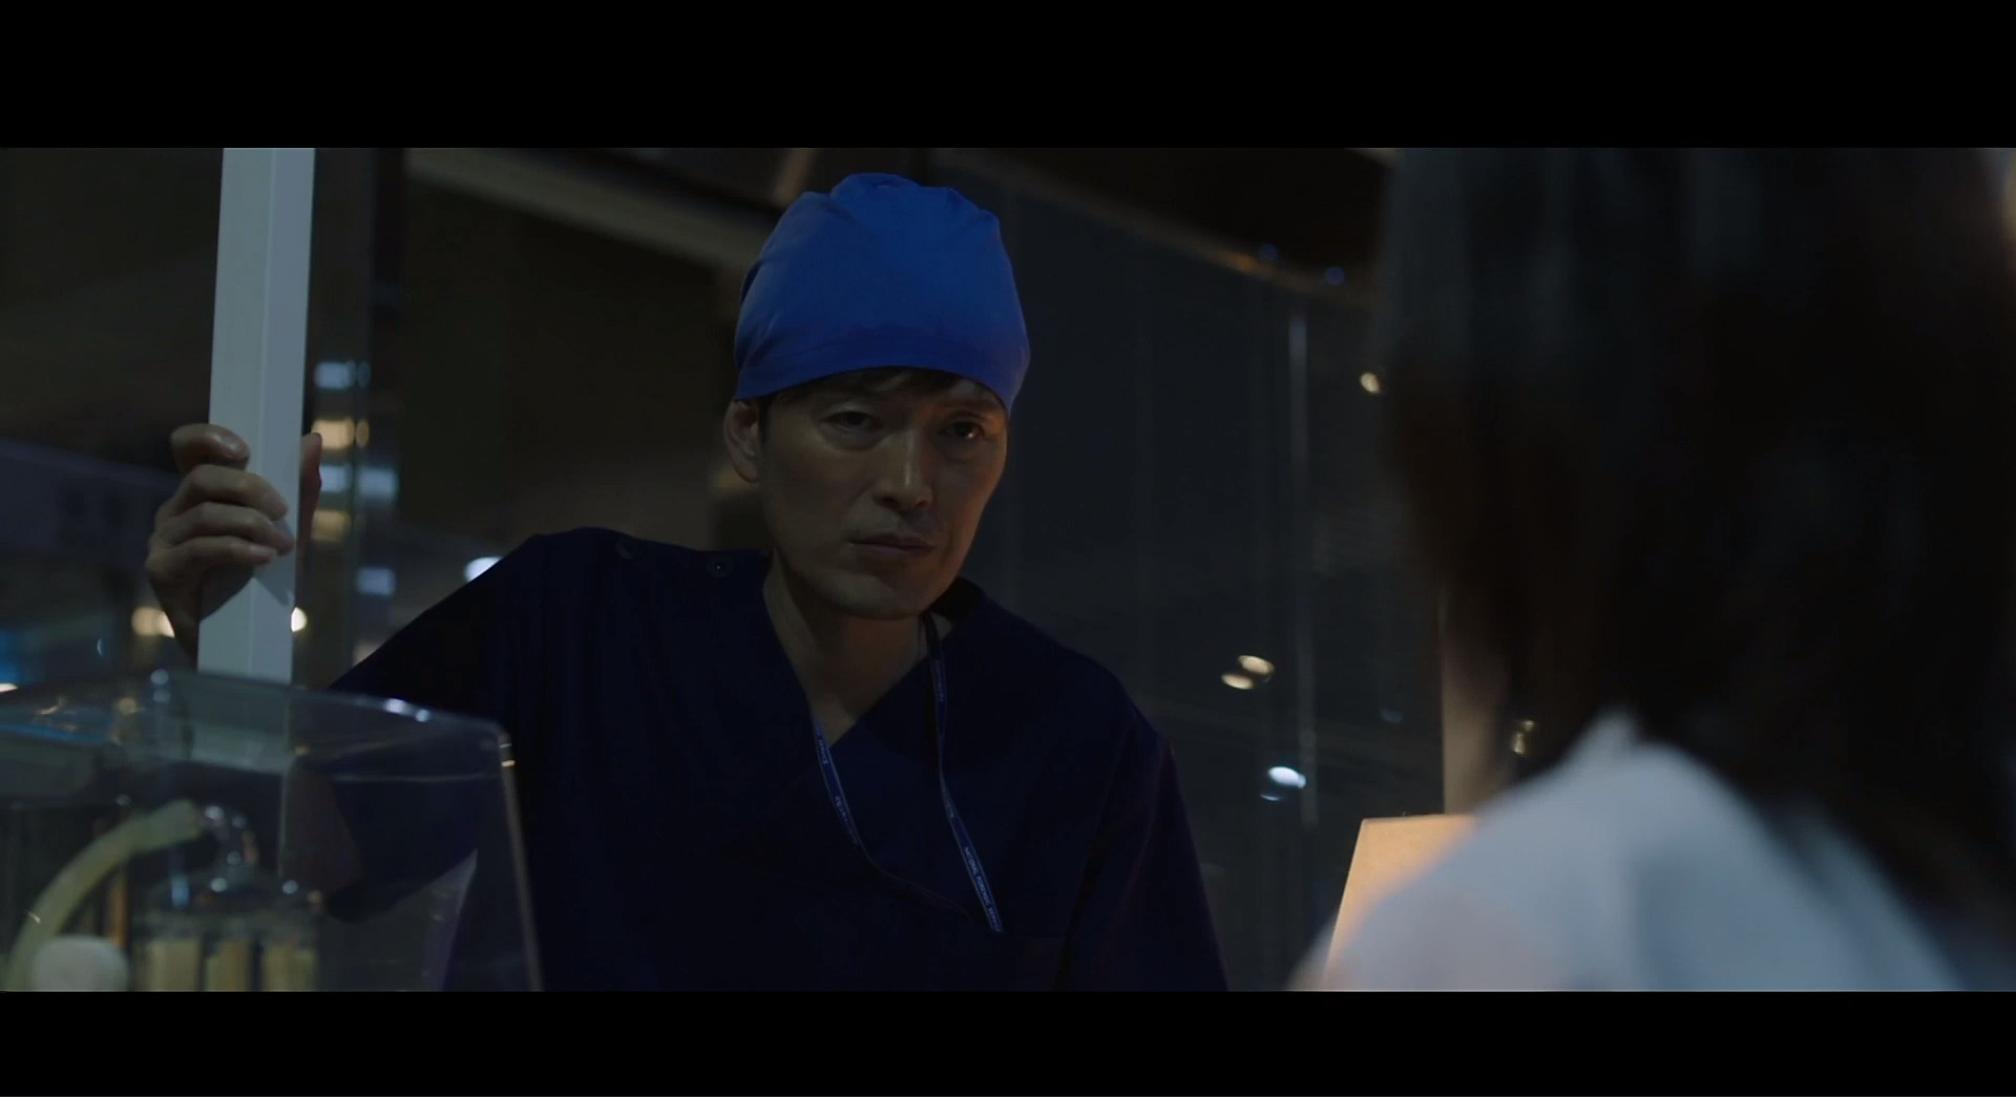 檢法男女2 第26集-戲劇線上看-排行-